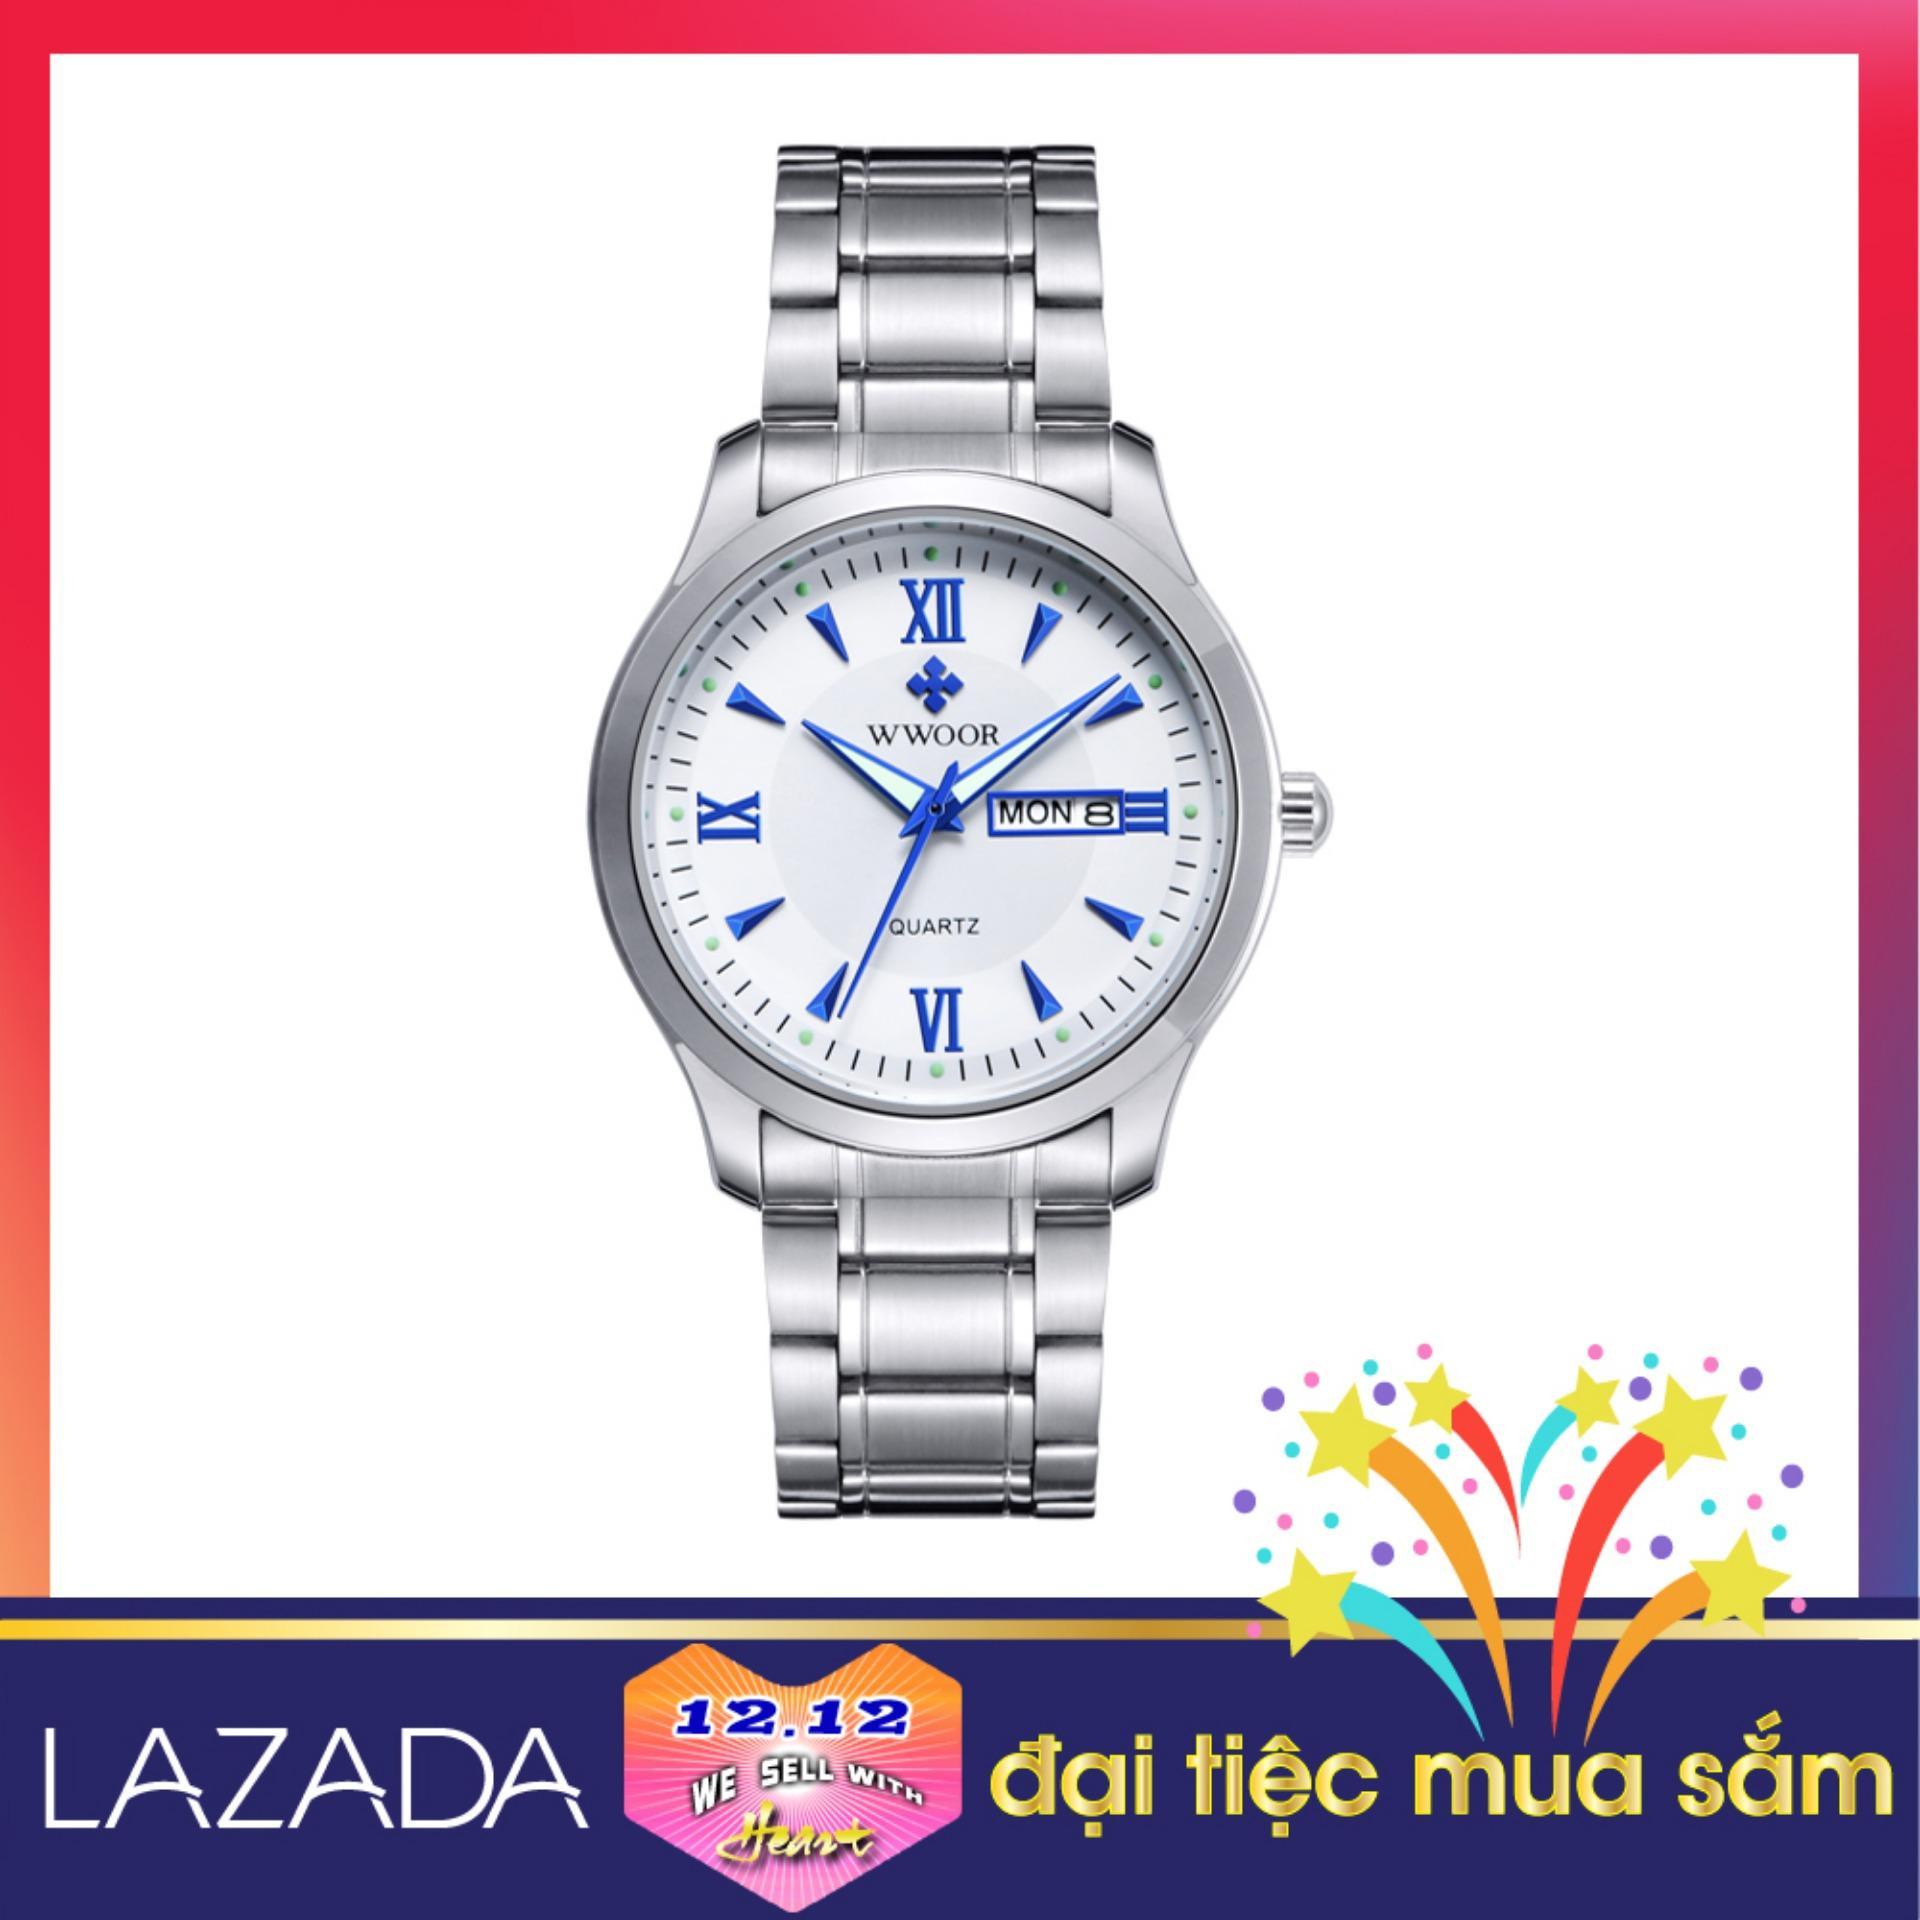 Đồng hồ thời trang nam WWOOR 8821 (Trắng) dây thép sang trọng và thanh lịch, tặng kèm pin đồng hồ đeo tay SONY 626 JAPAN bán chạy